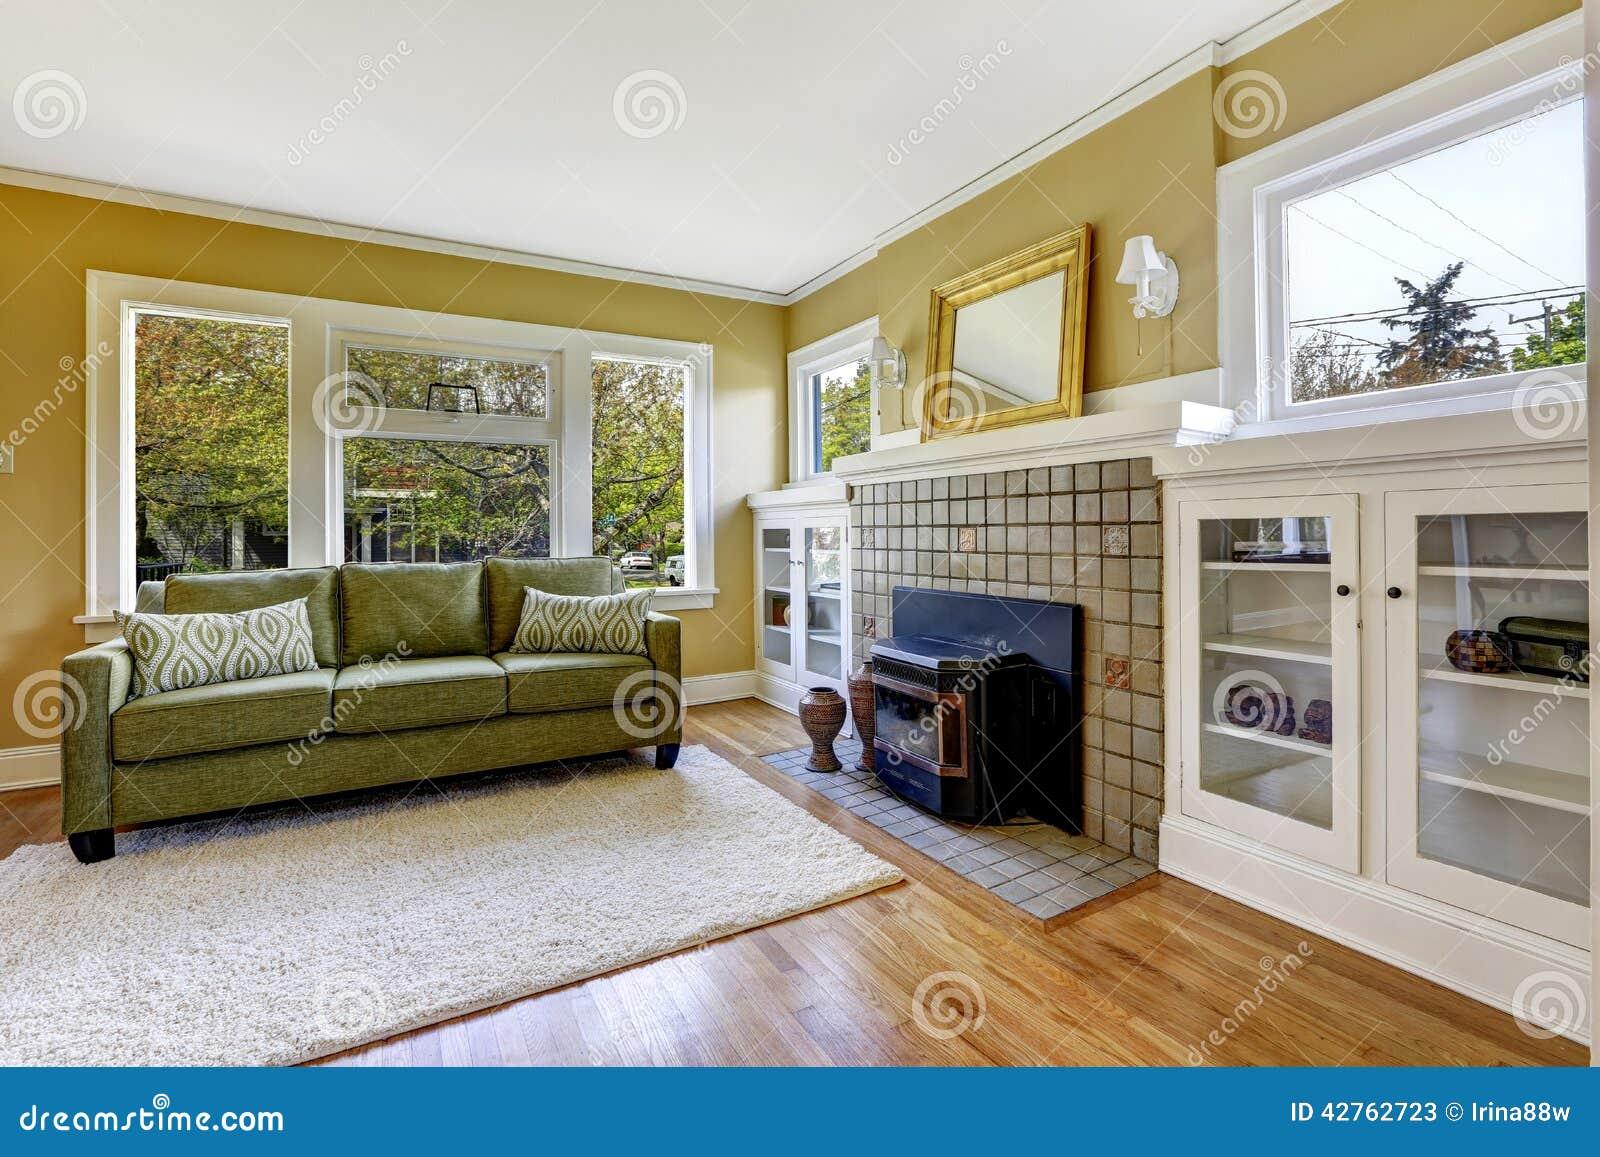 wohnzimmer iwith kamin und gr ne couch stockfoto bild 42762723. Black Bedroom Furniture Sets. Home Design Ideas